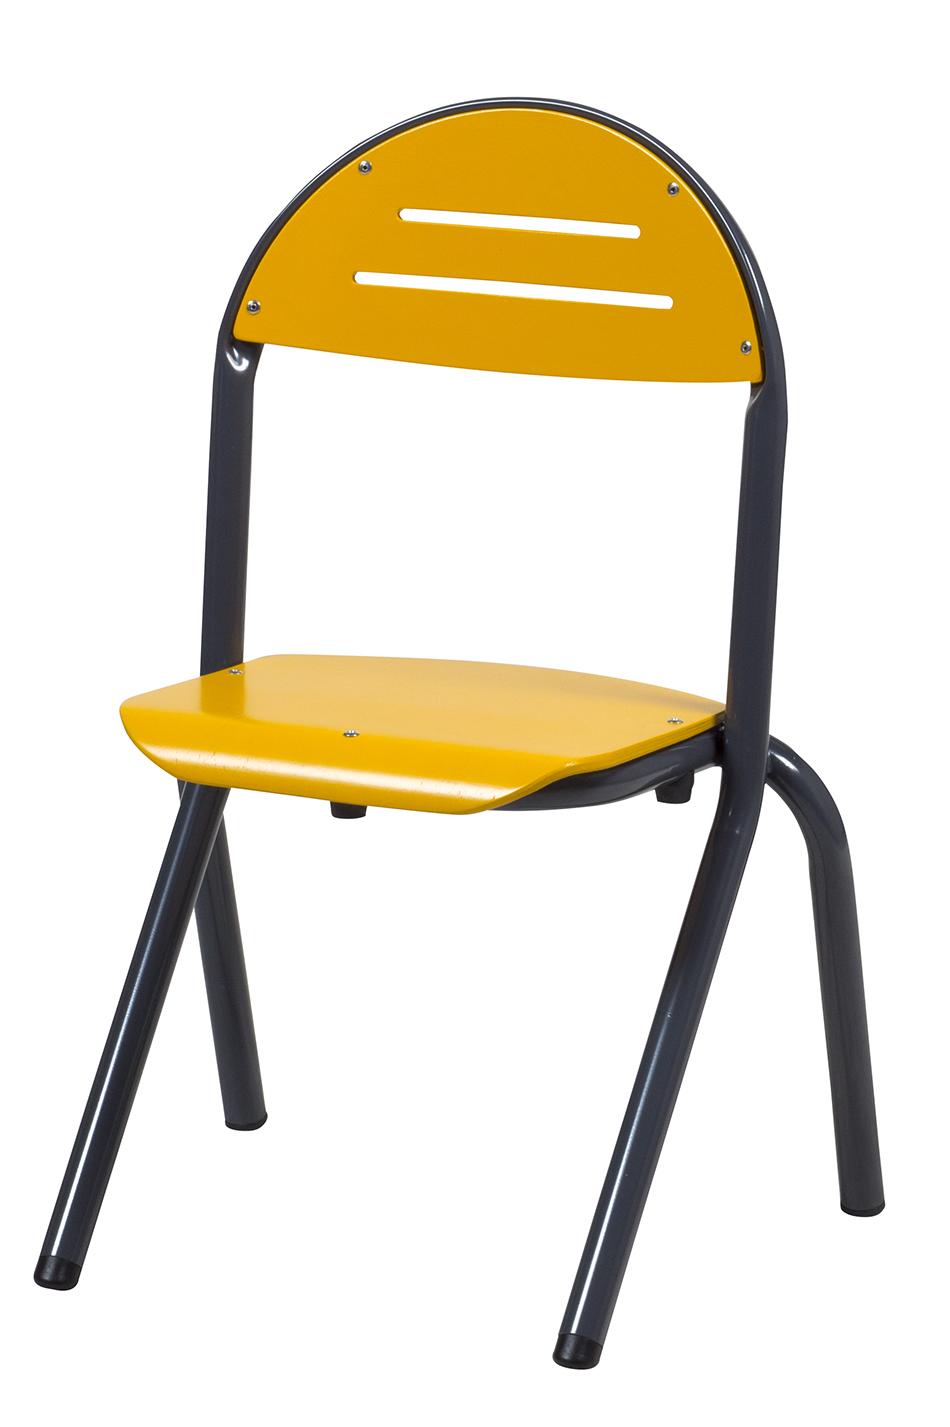 DPC - RESTAURATION Chaise TANAÏS appui sur table en aluminium Photo